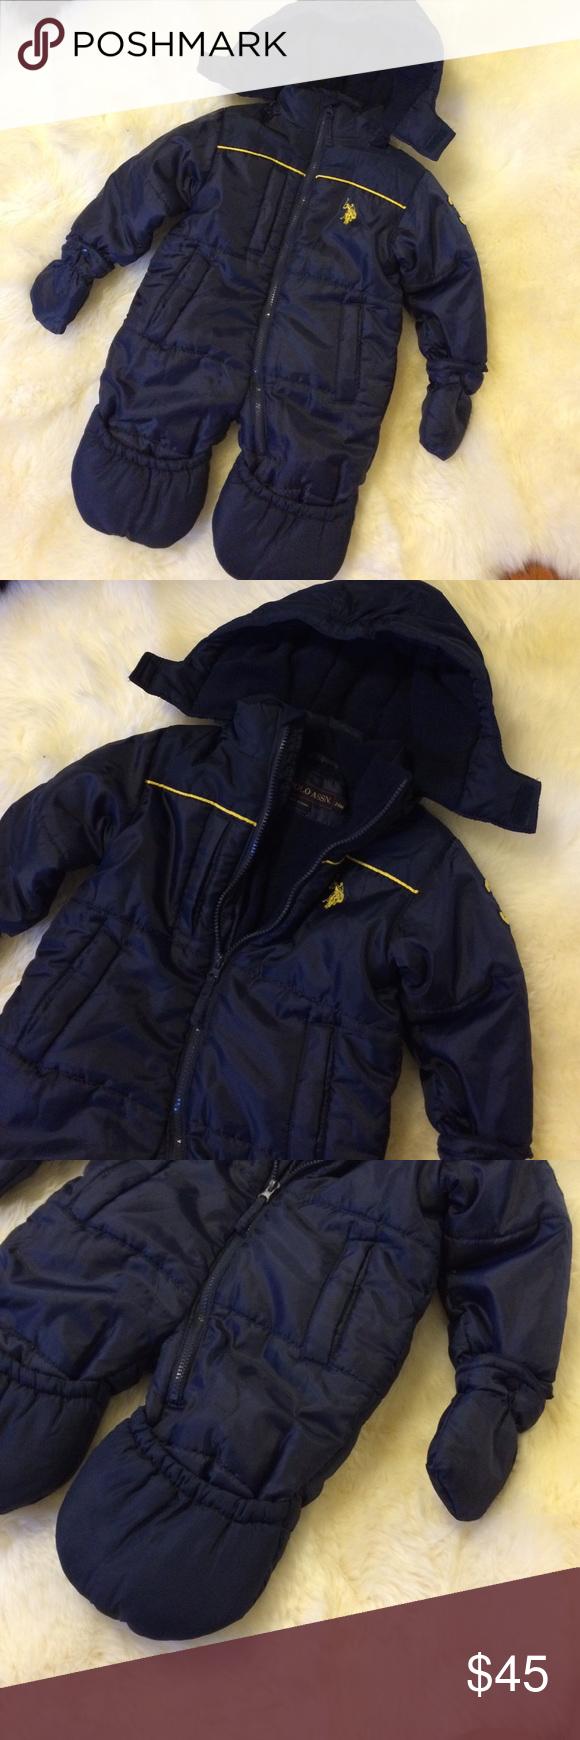 2784d21ac Baby boy snow suit winter coat size 24 months Excellent condition ...